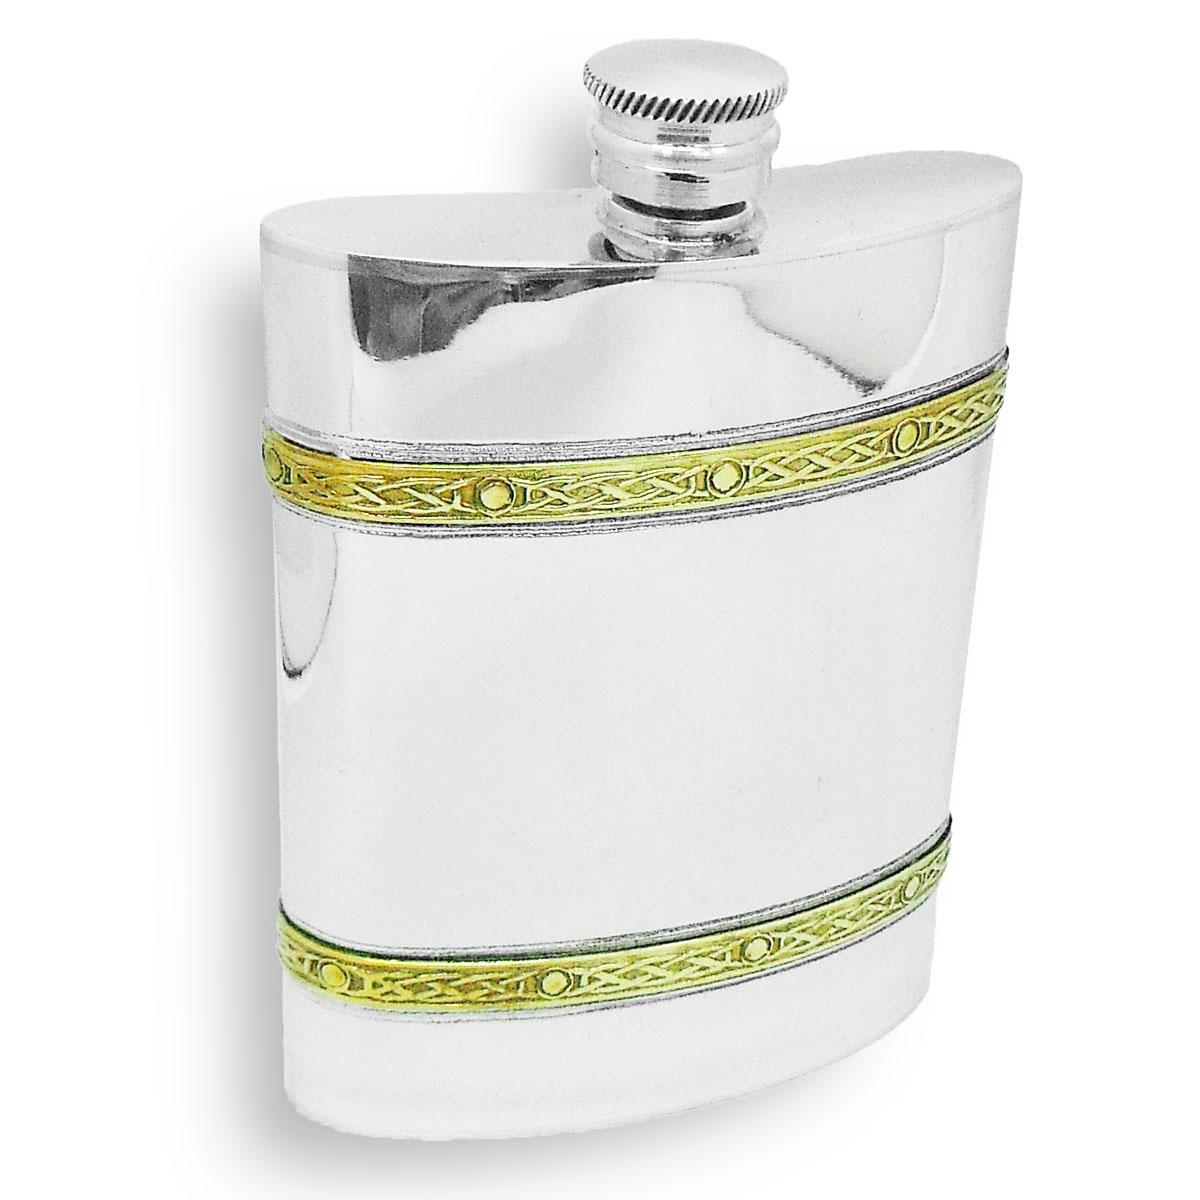 スキットル ウイスキーボトル ピューター(錫) 約180ml 約6ozケルト模様 ブラスバンドウィスキー スコッチ 蒸留酒向け 携帯用水筒 専用箱入り ギフト 贈り物英国製 AEW社